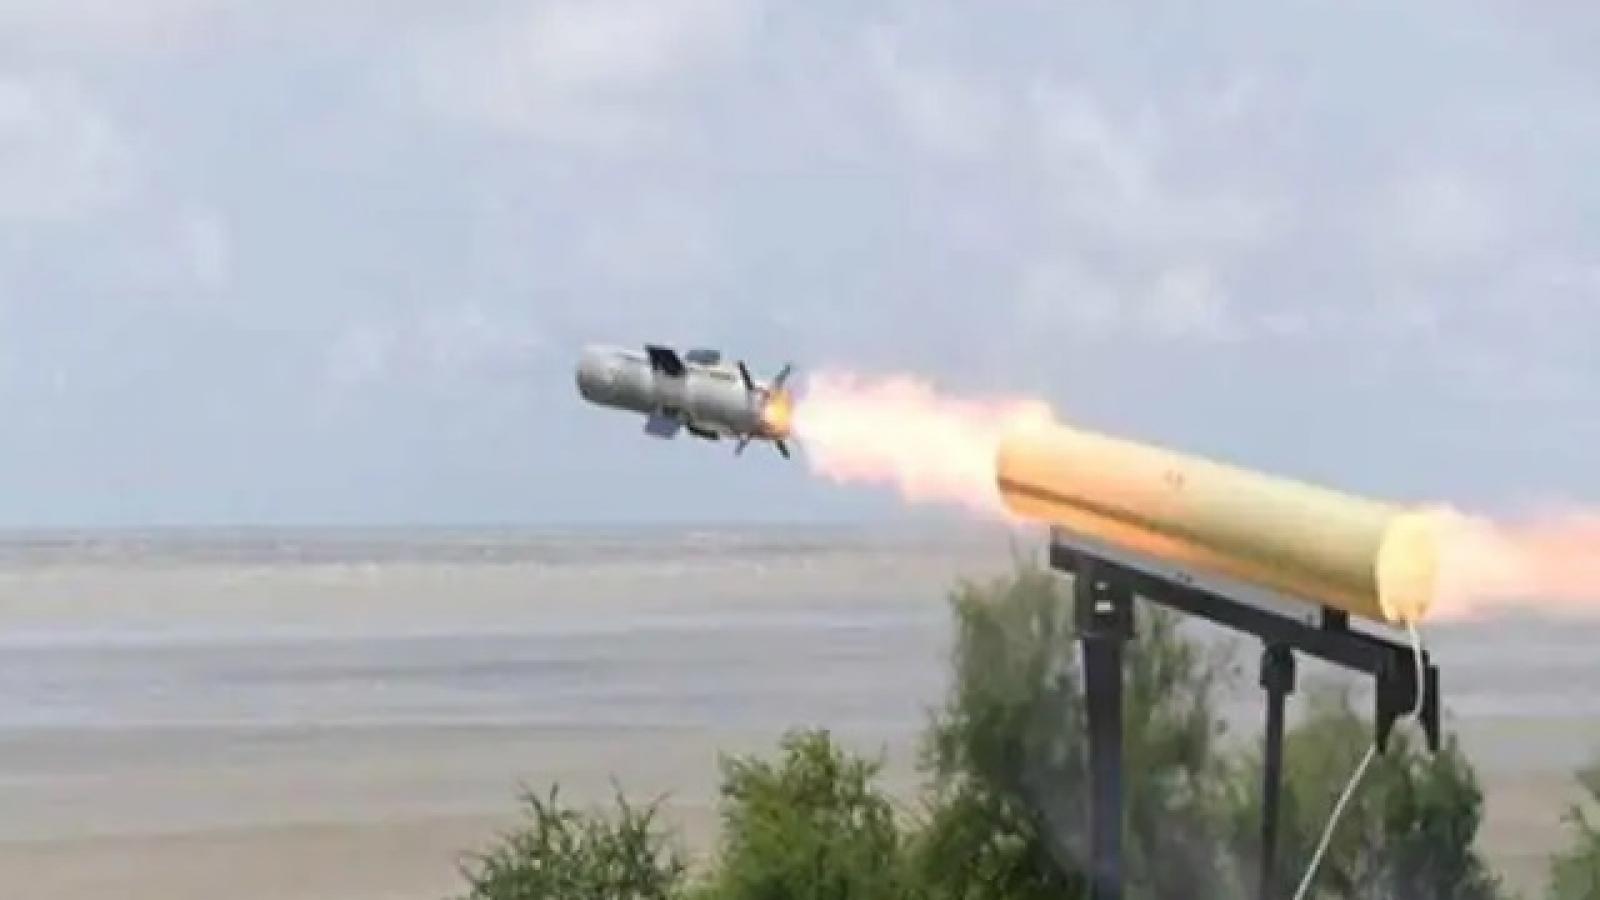 Ấn Độ thử thành công tên lửa dẫn đường chống tăng